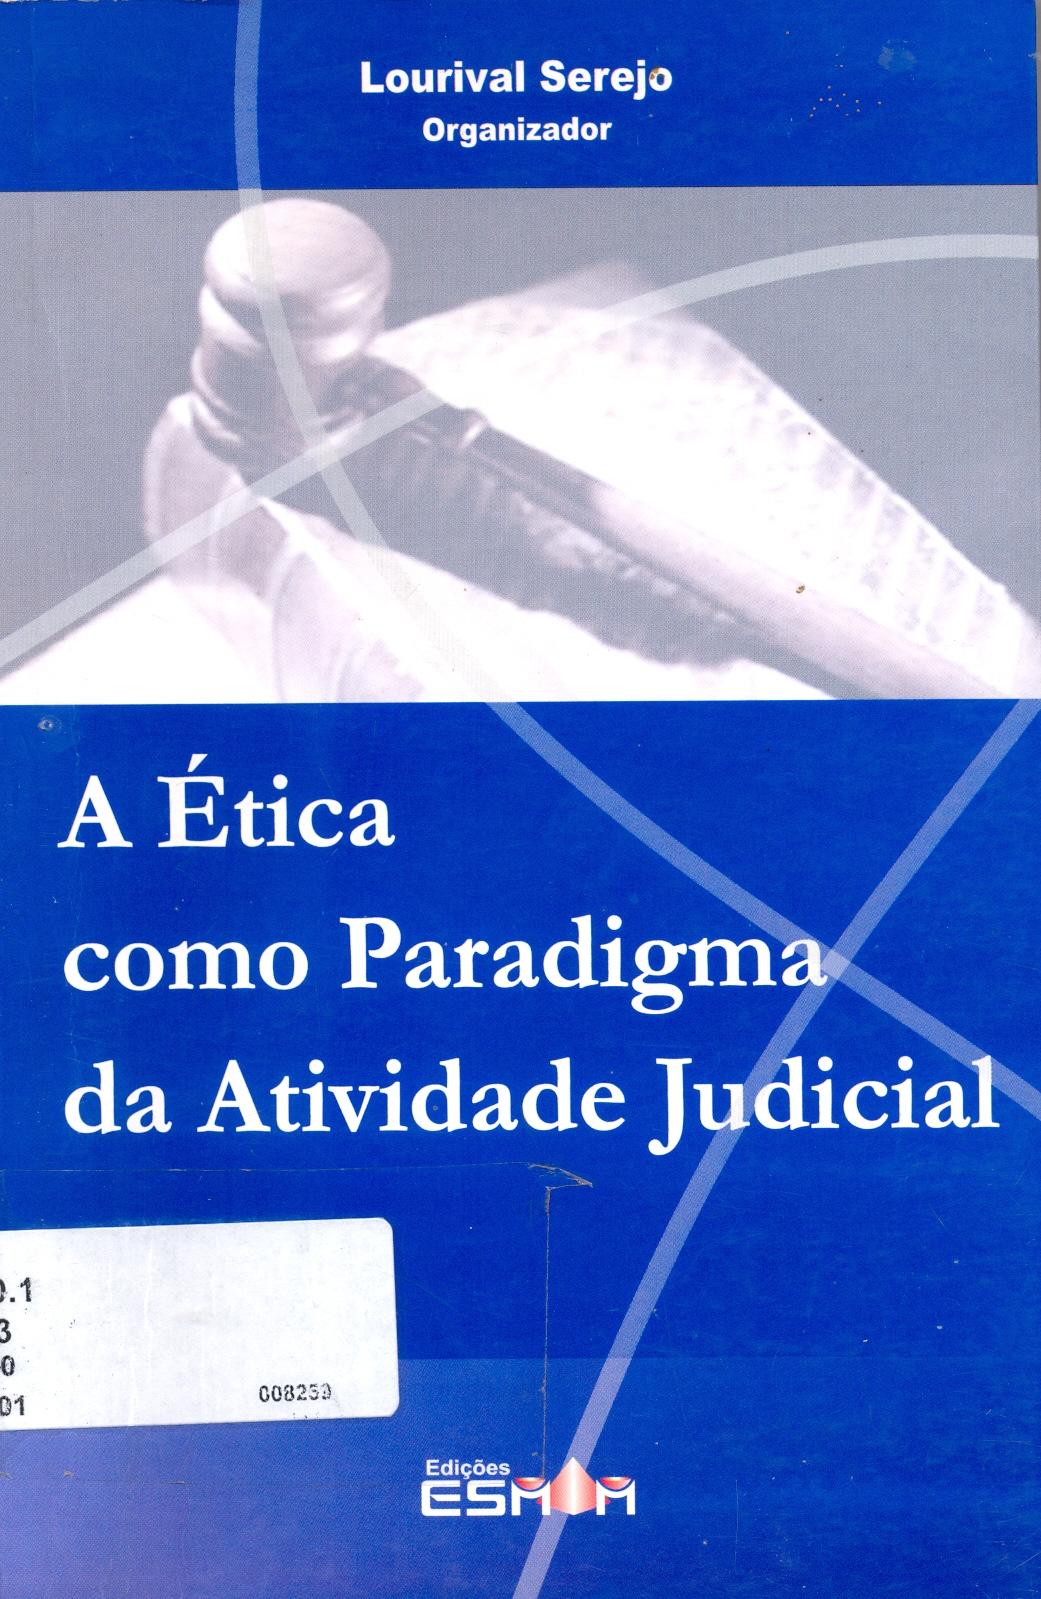 A Ética como Paradigma da Atividade Judicial